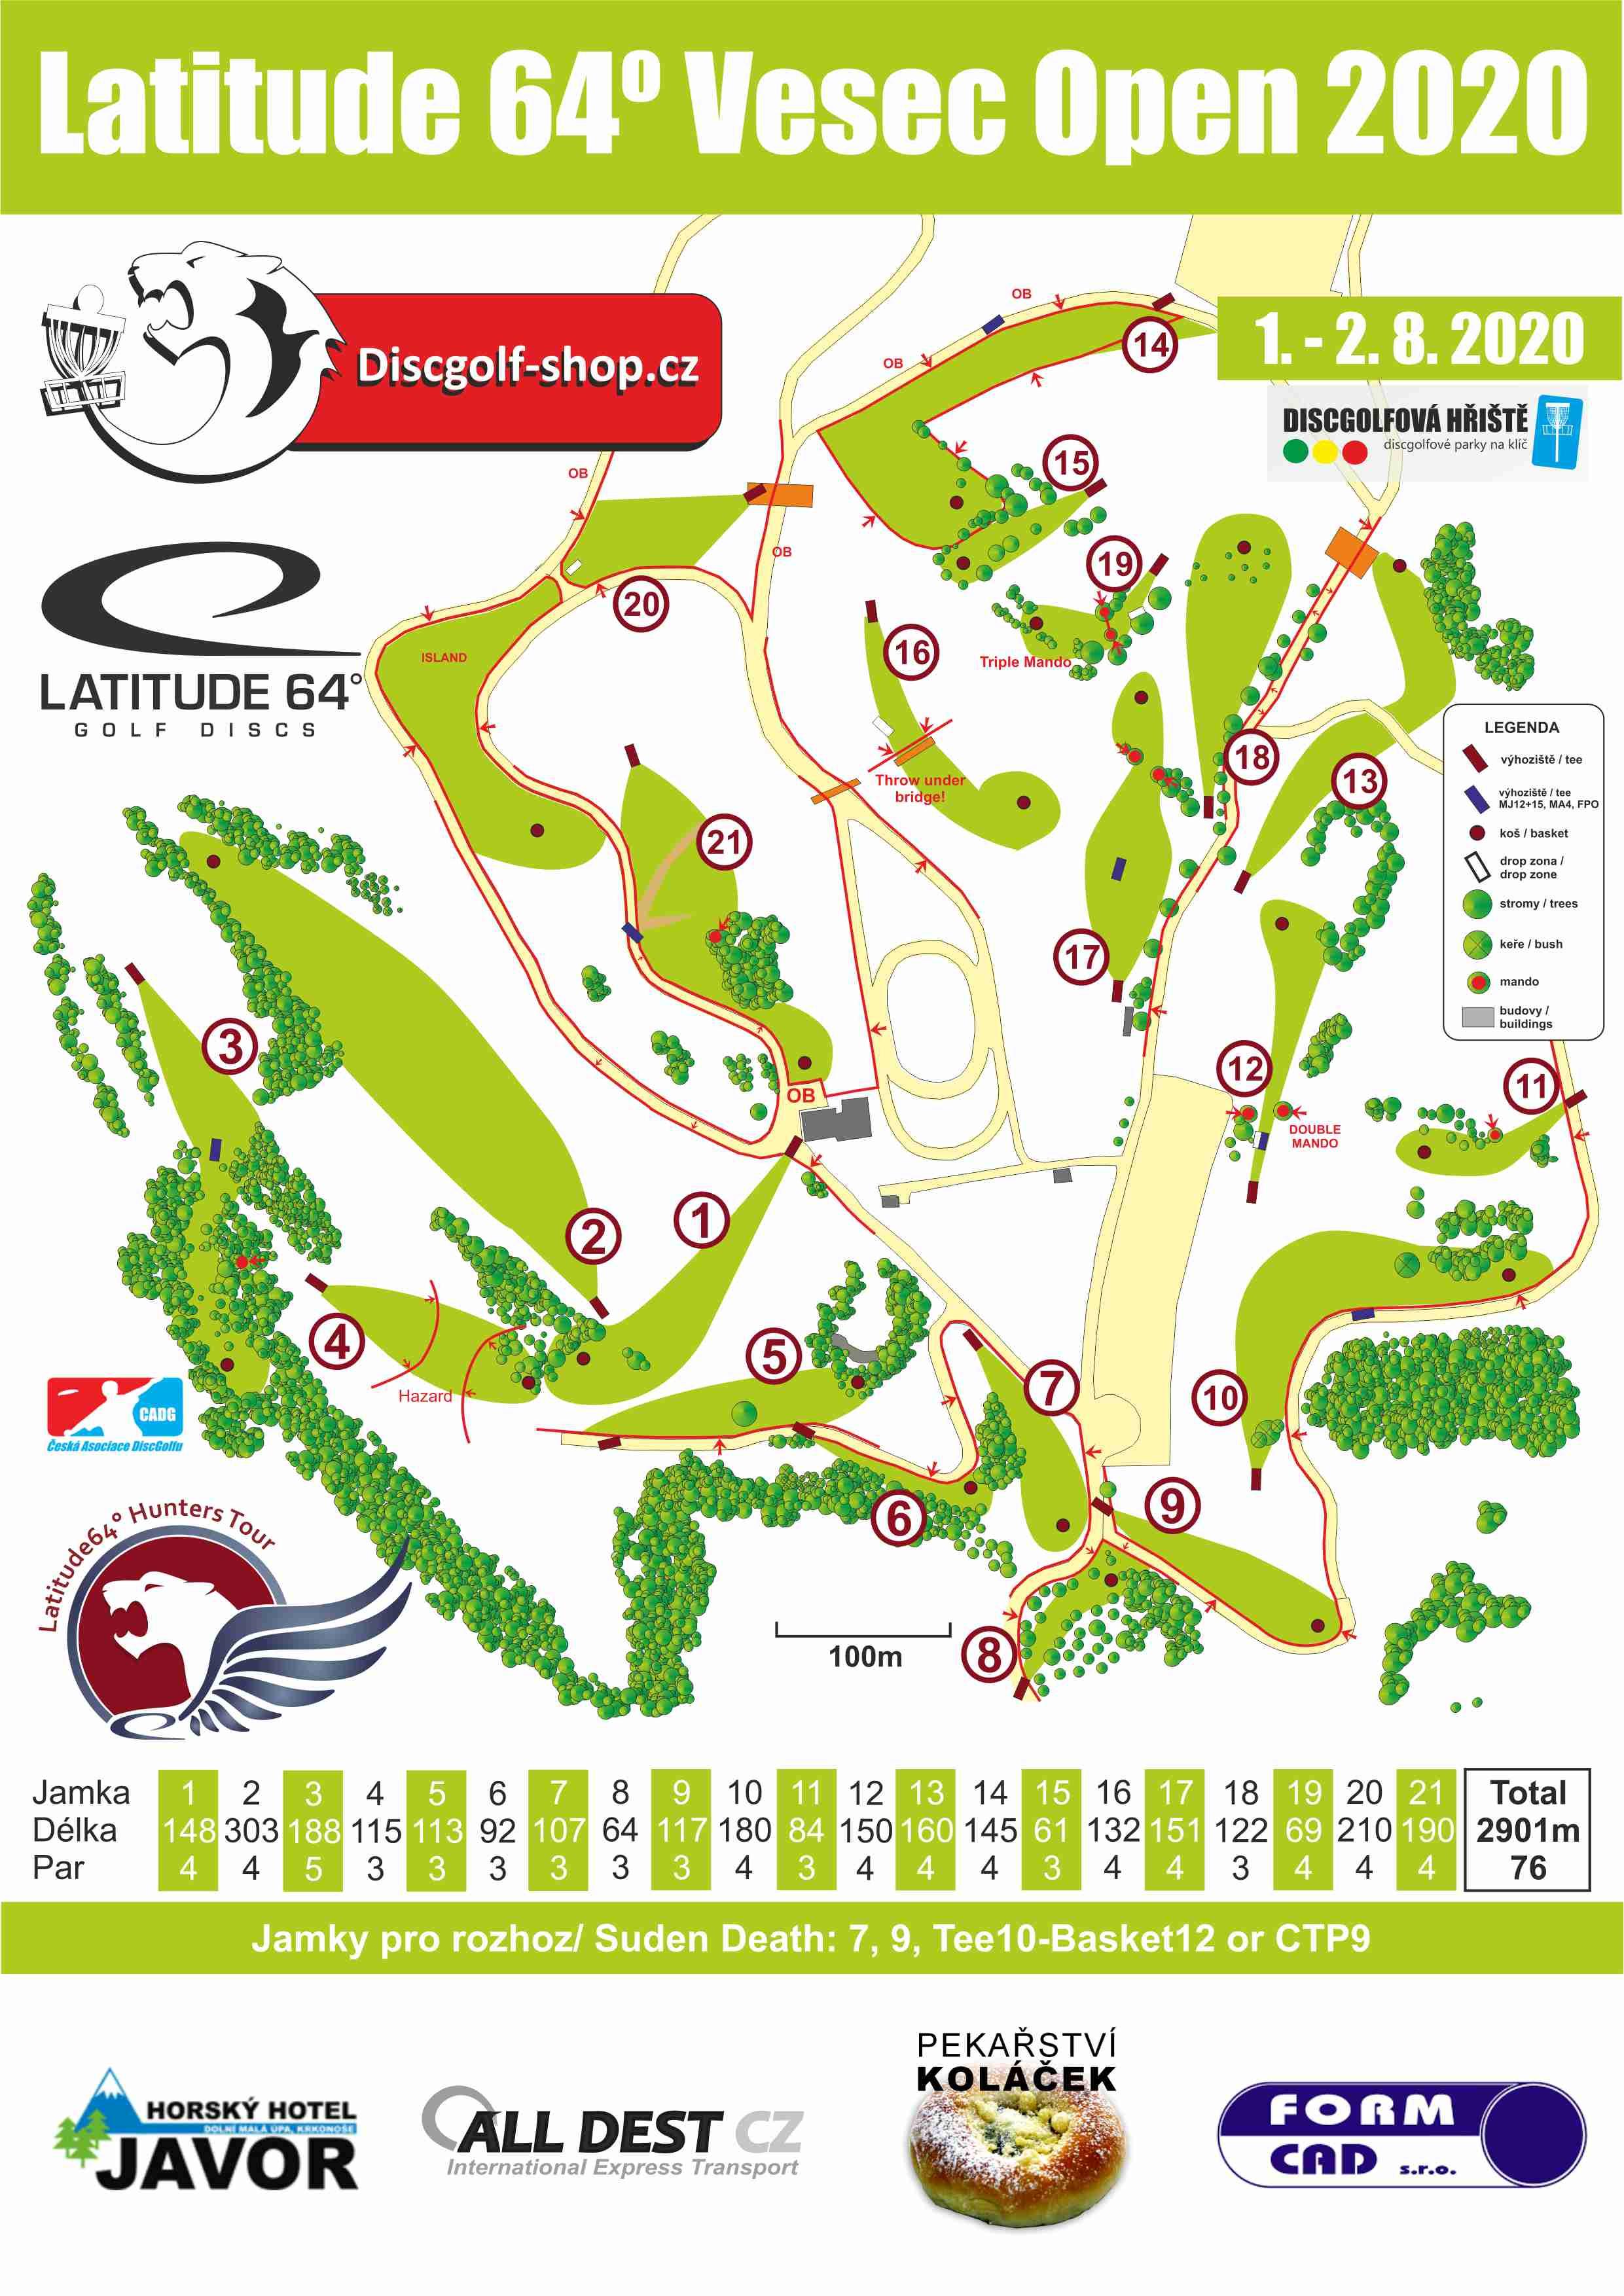 Mapa pro Vesec Open 2020